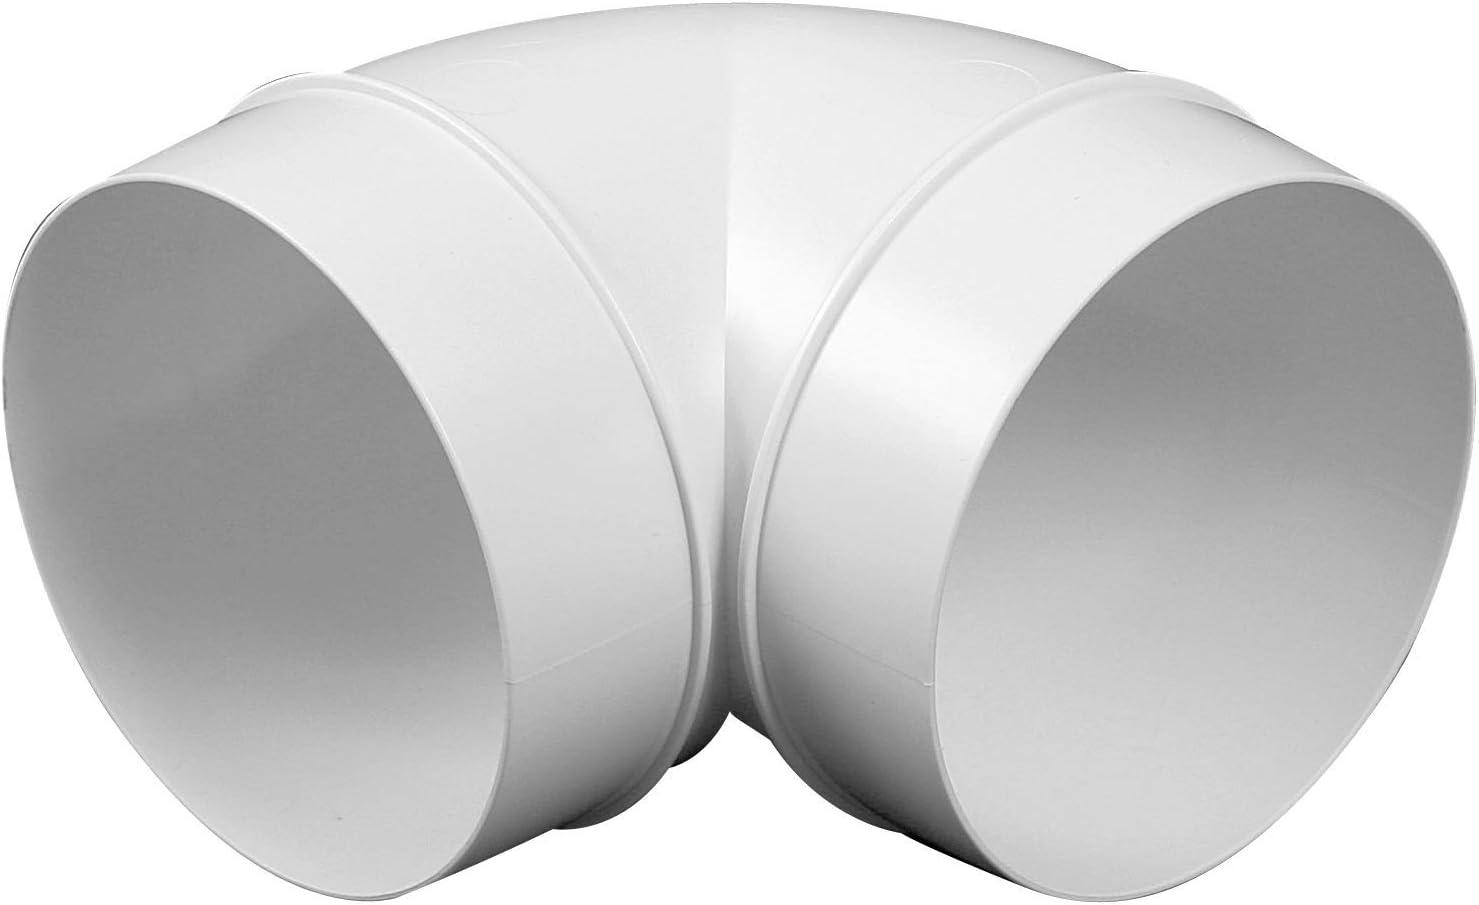 VONLIS® - Arco de tubo en ángulo de 90°, PVC, plástico, color blanco, tubo de ventilación, ventilación, campana extractora, diámetro 100 mm